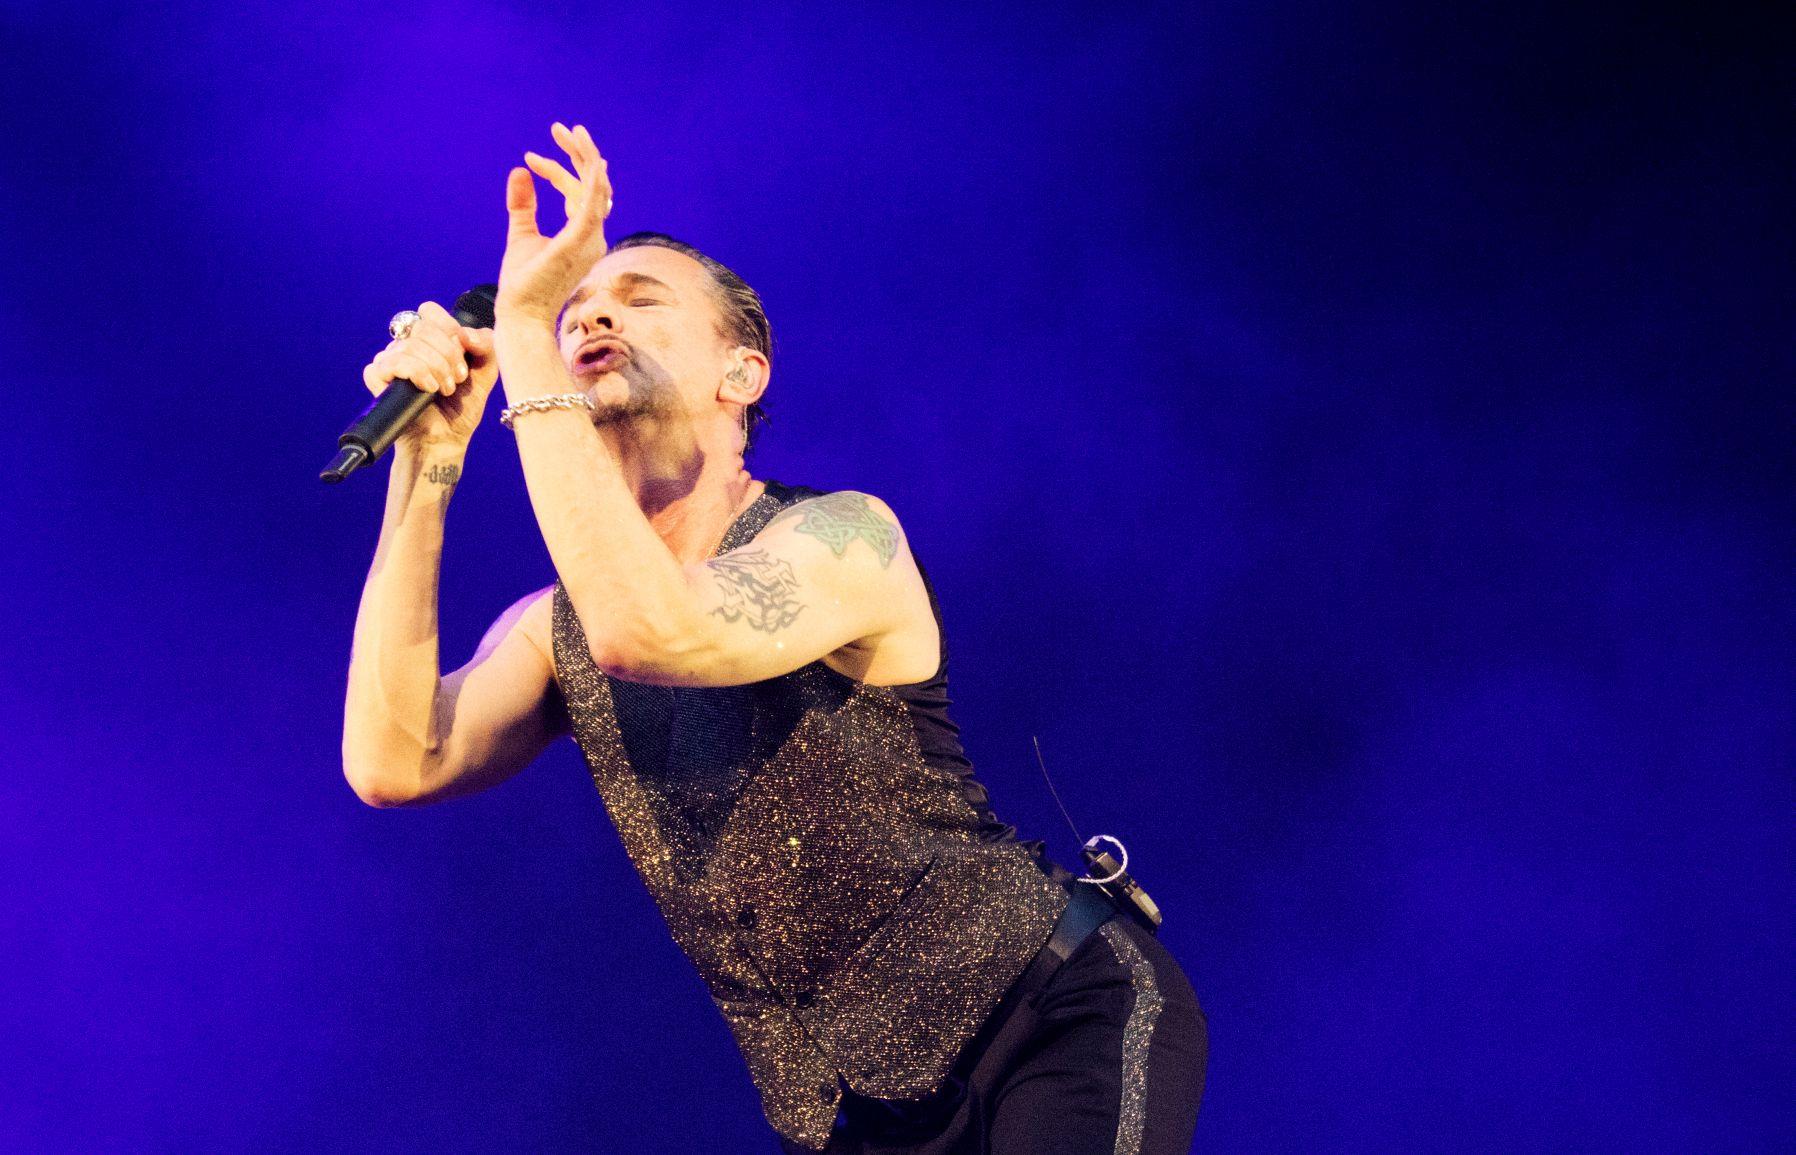 Dave Gahan von Depeche Mode bei einem Konzert im Olympiastadion München